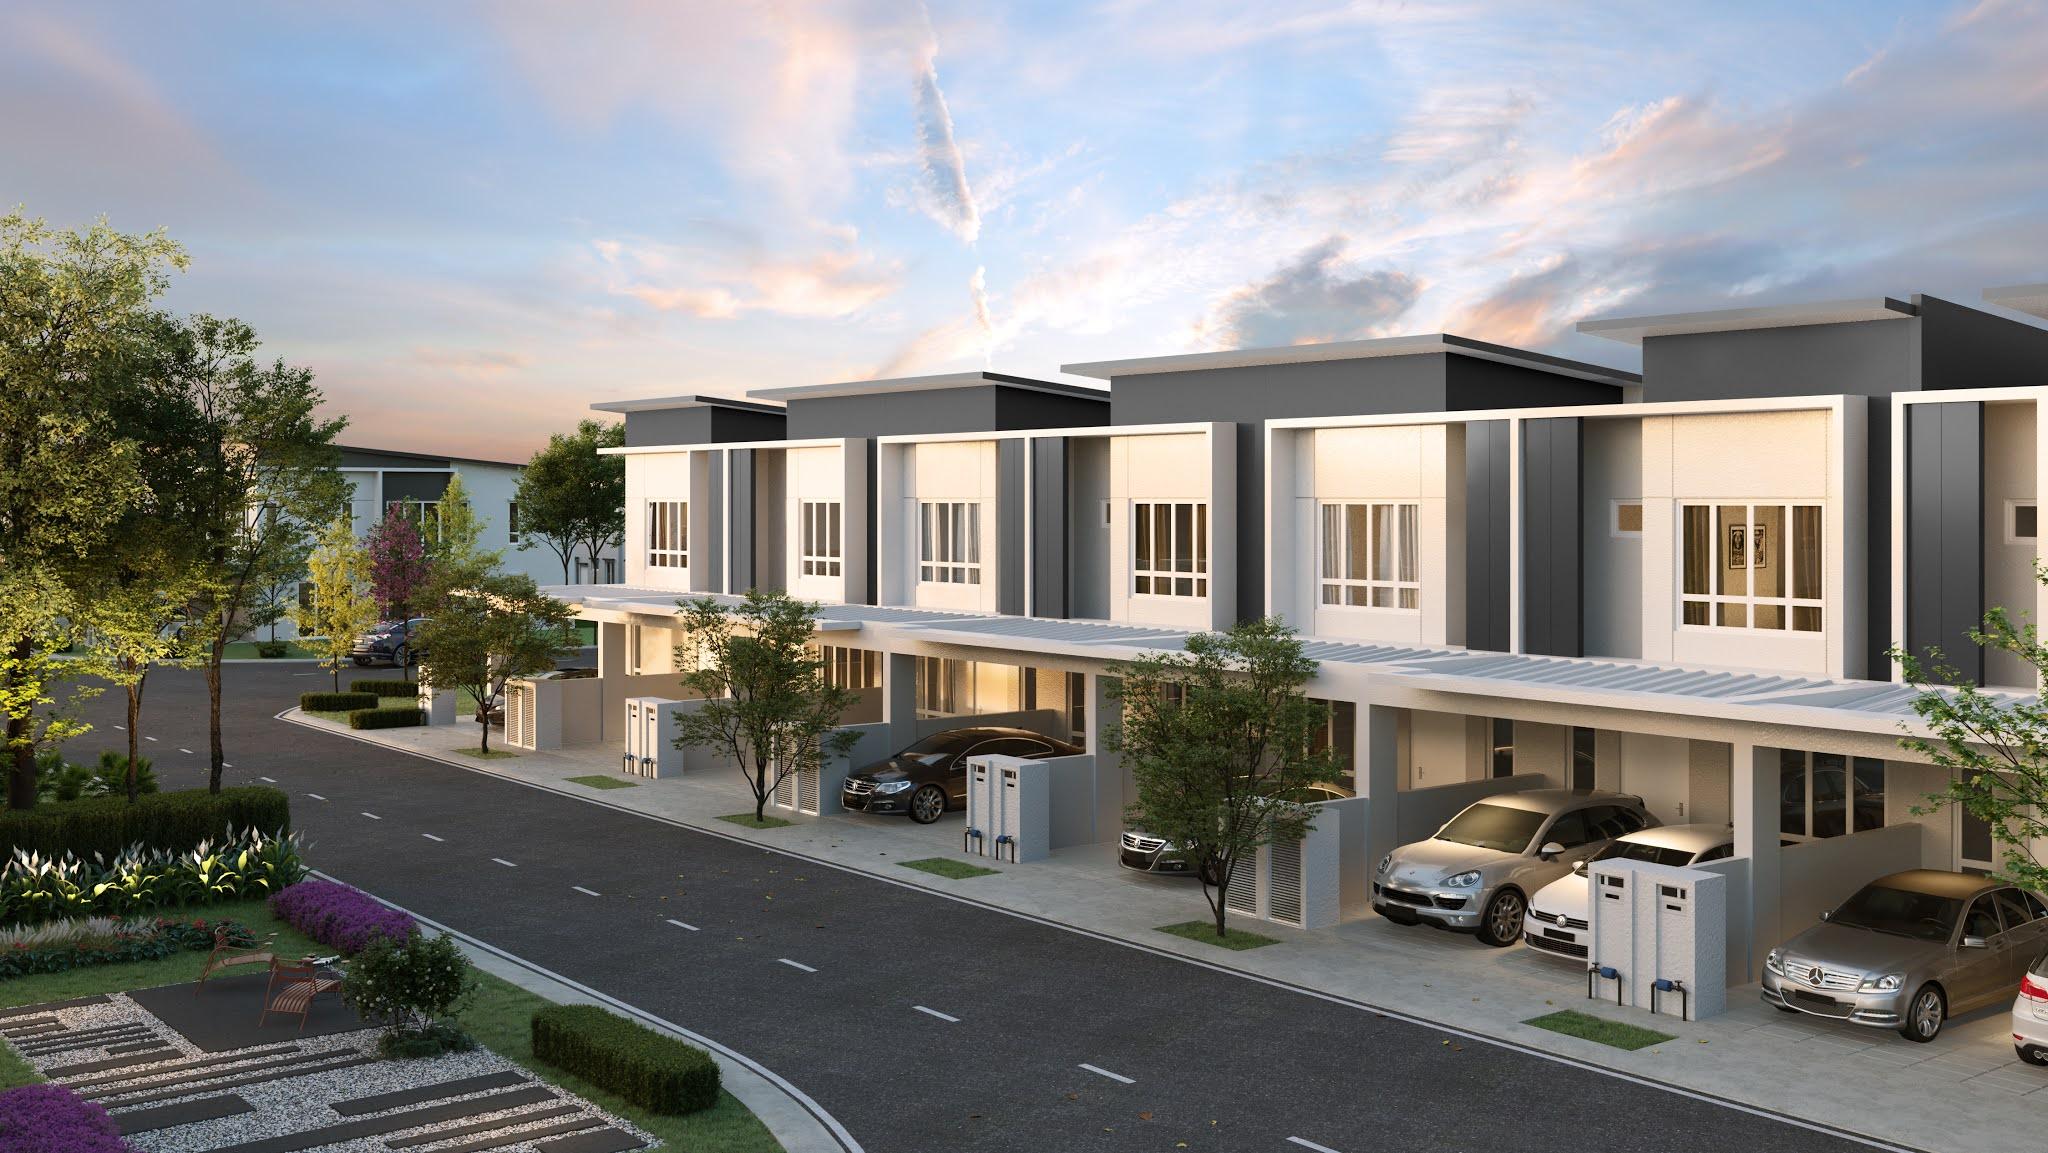 Miliki Rumah Idaman Di ALARIS, Nusari Bayu @ Bandar Sri Sendayan